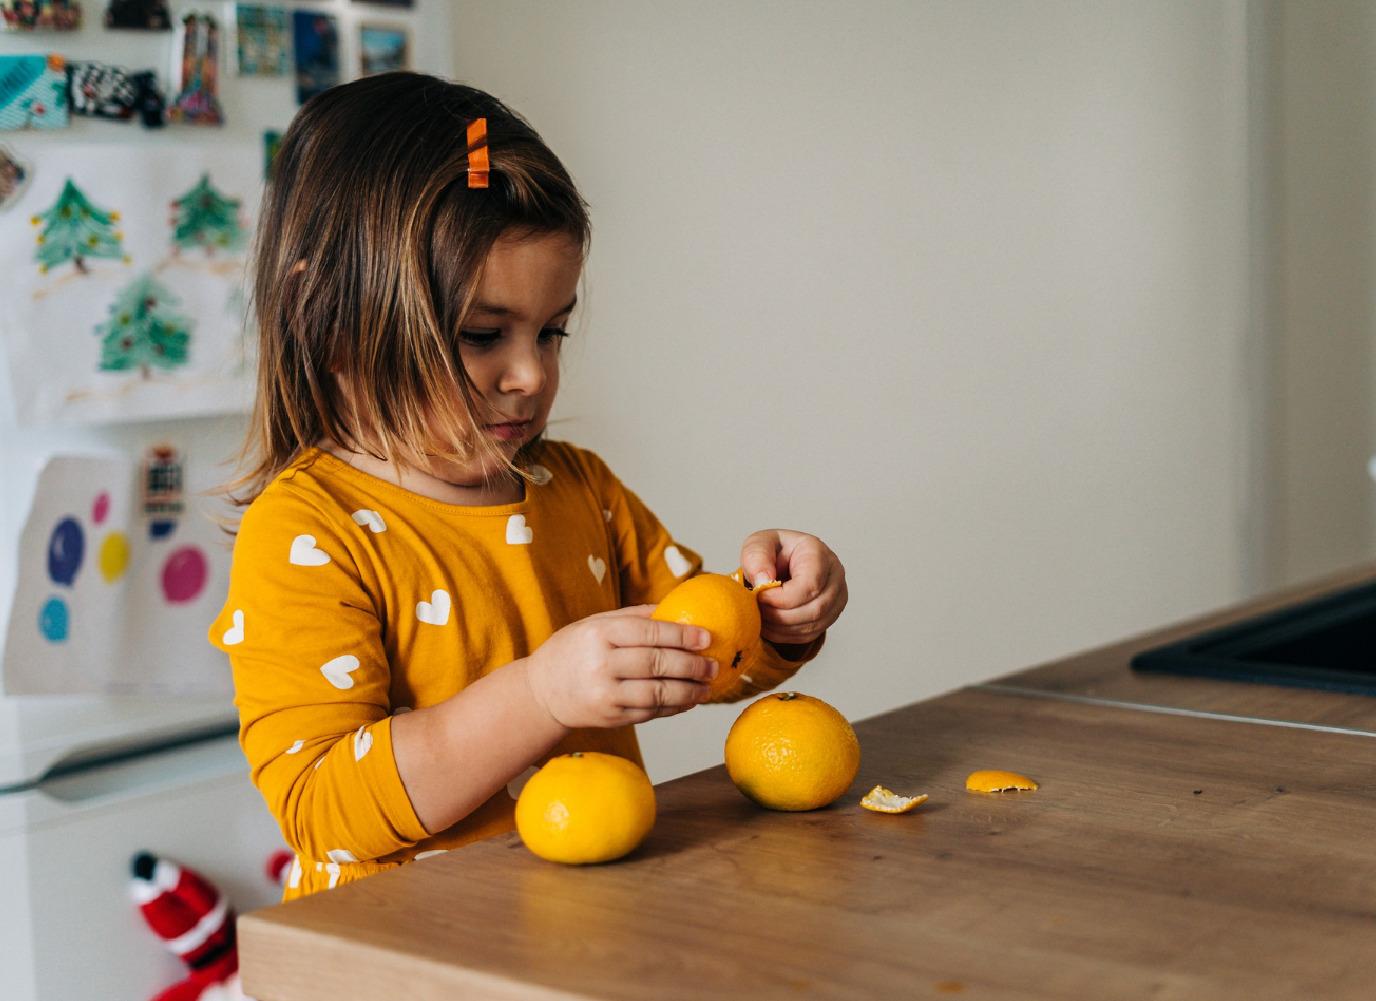 10 loại thực phẩm giàu vitamin C cho bé- Mẹ không thể bỏ qua